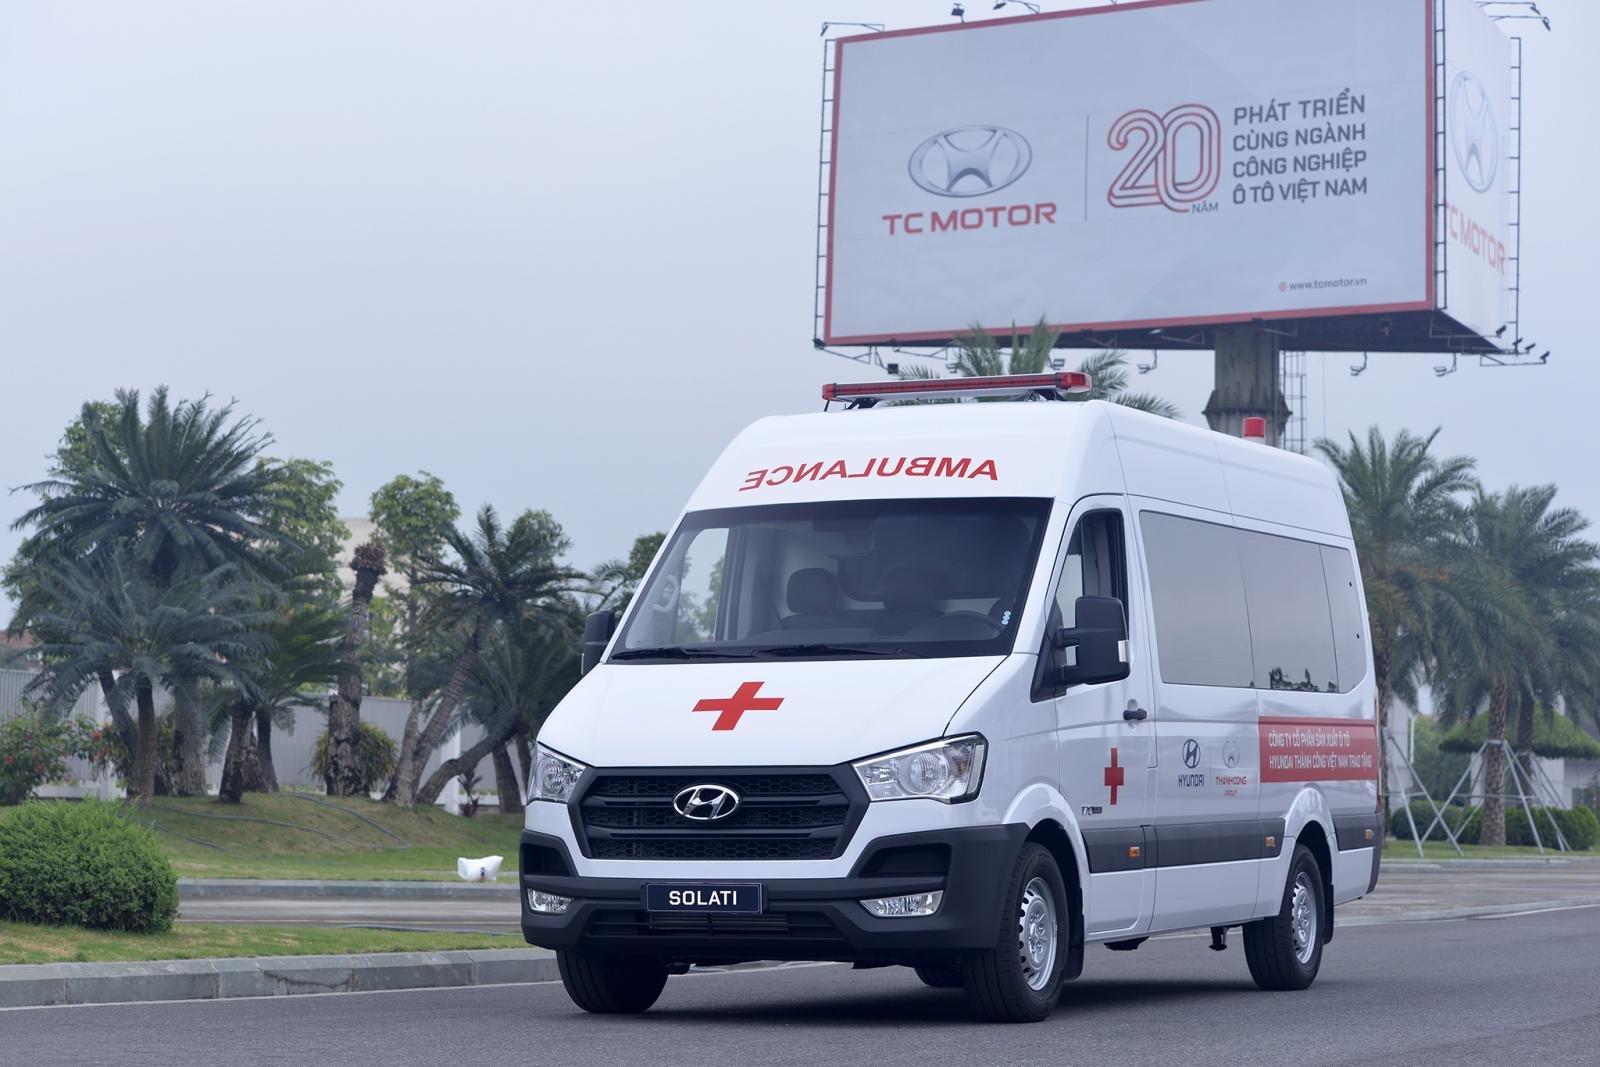 Hyundai tặng 10 xe Solati cho cơ sở y tế tuyến đầu chống dịch Covid-19 a2